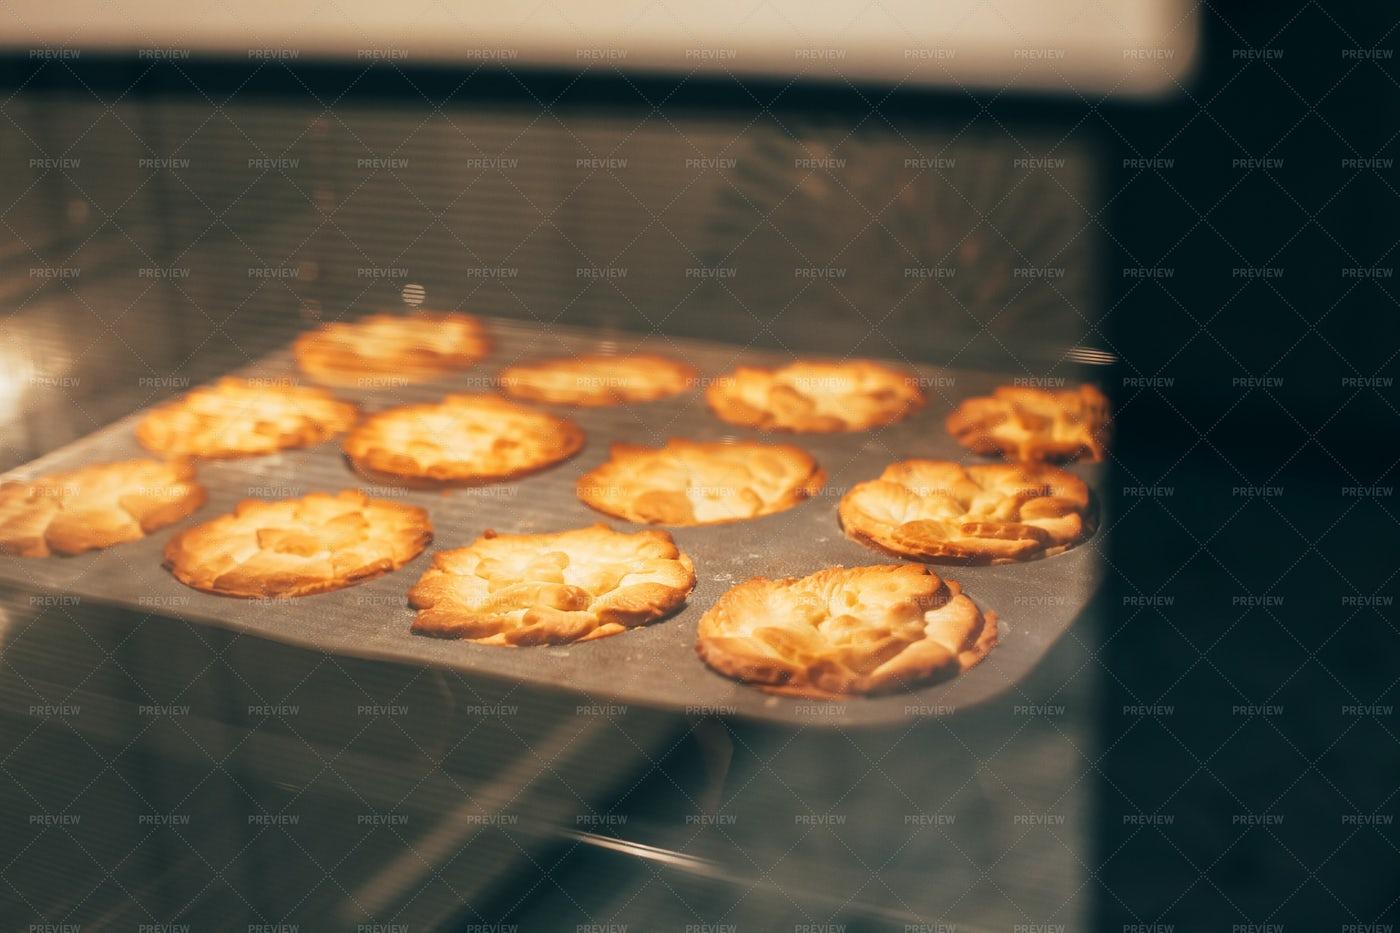 Pumpkin Pies In Oven: Stock Photos